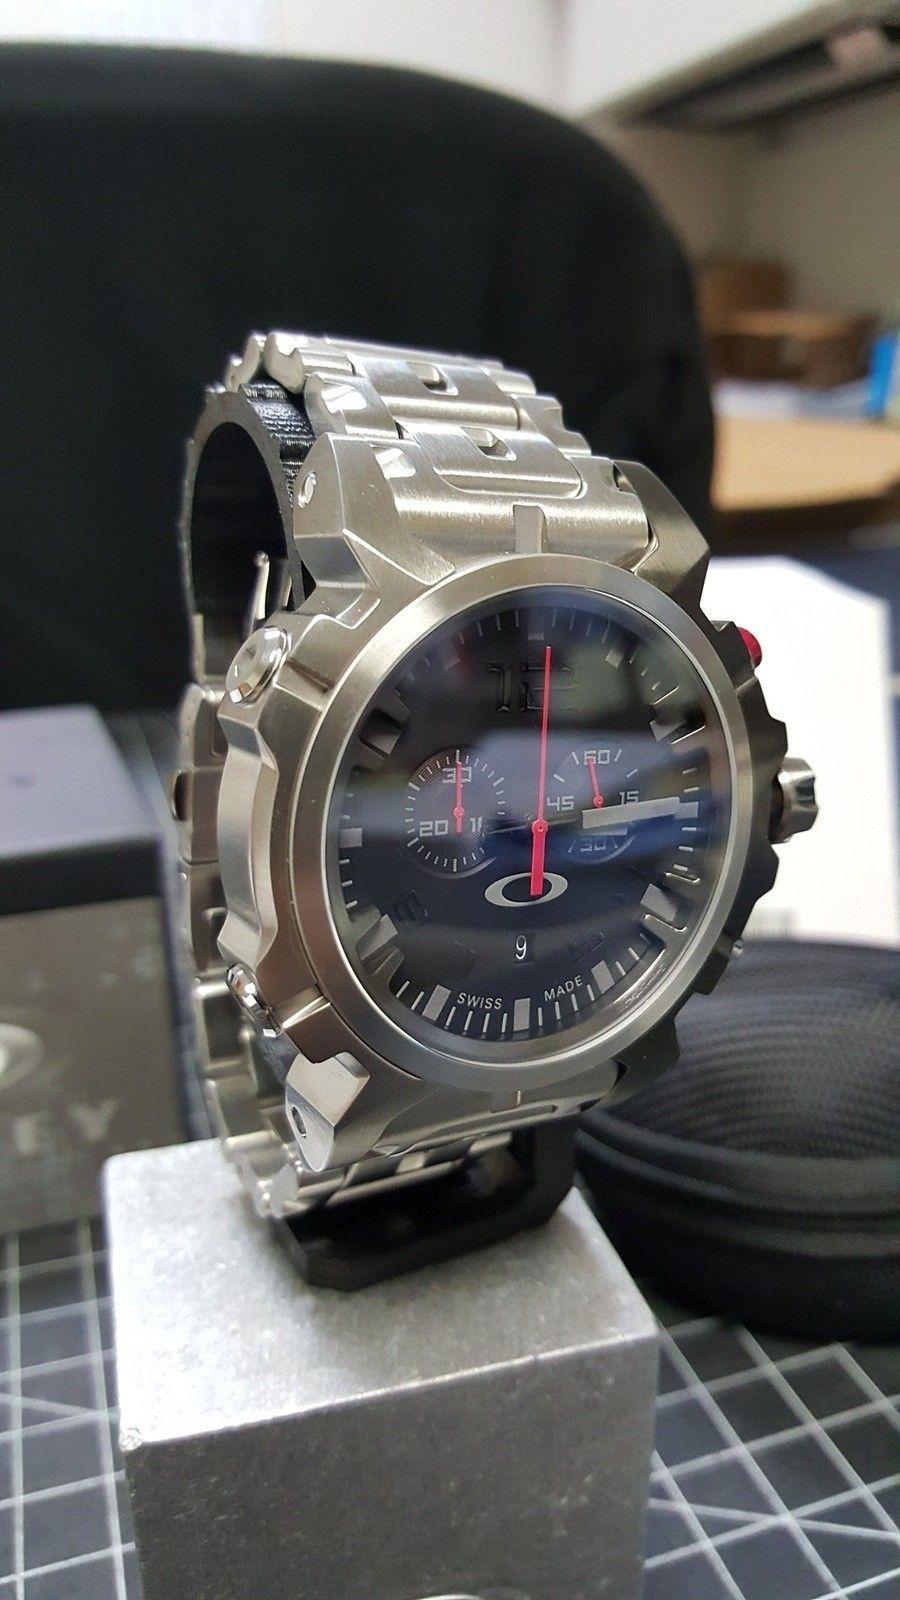 Double Tap - 800.00 Watch - Total Cost - Nib. w/metal bracelet w/case CONUS - 20160111_094953.jpg